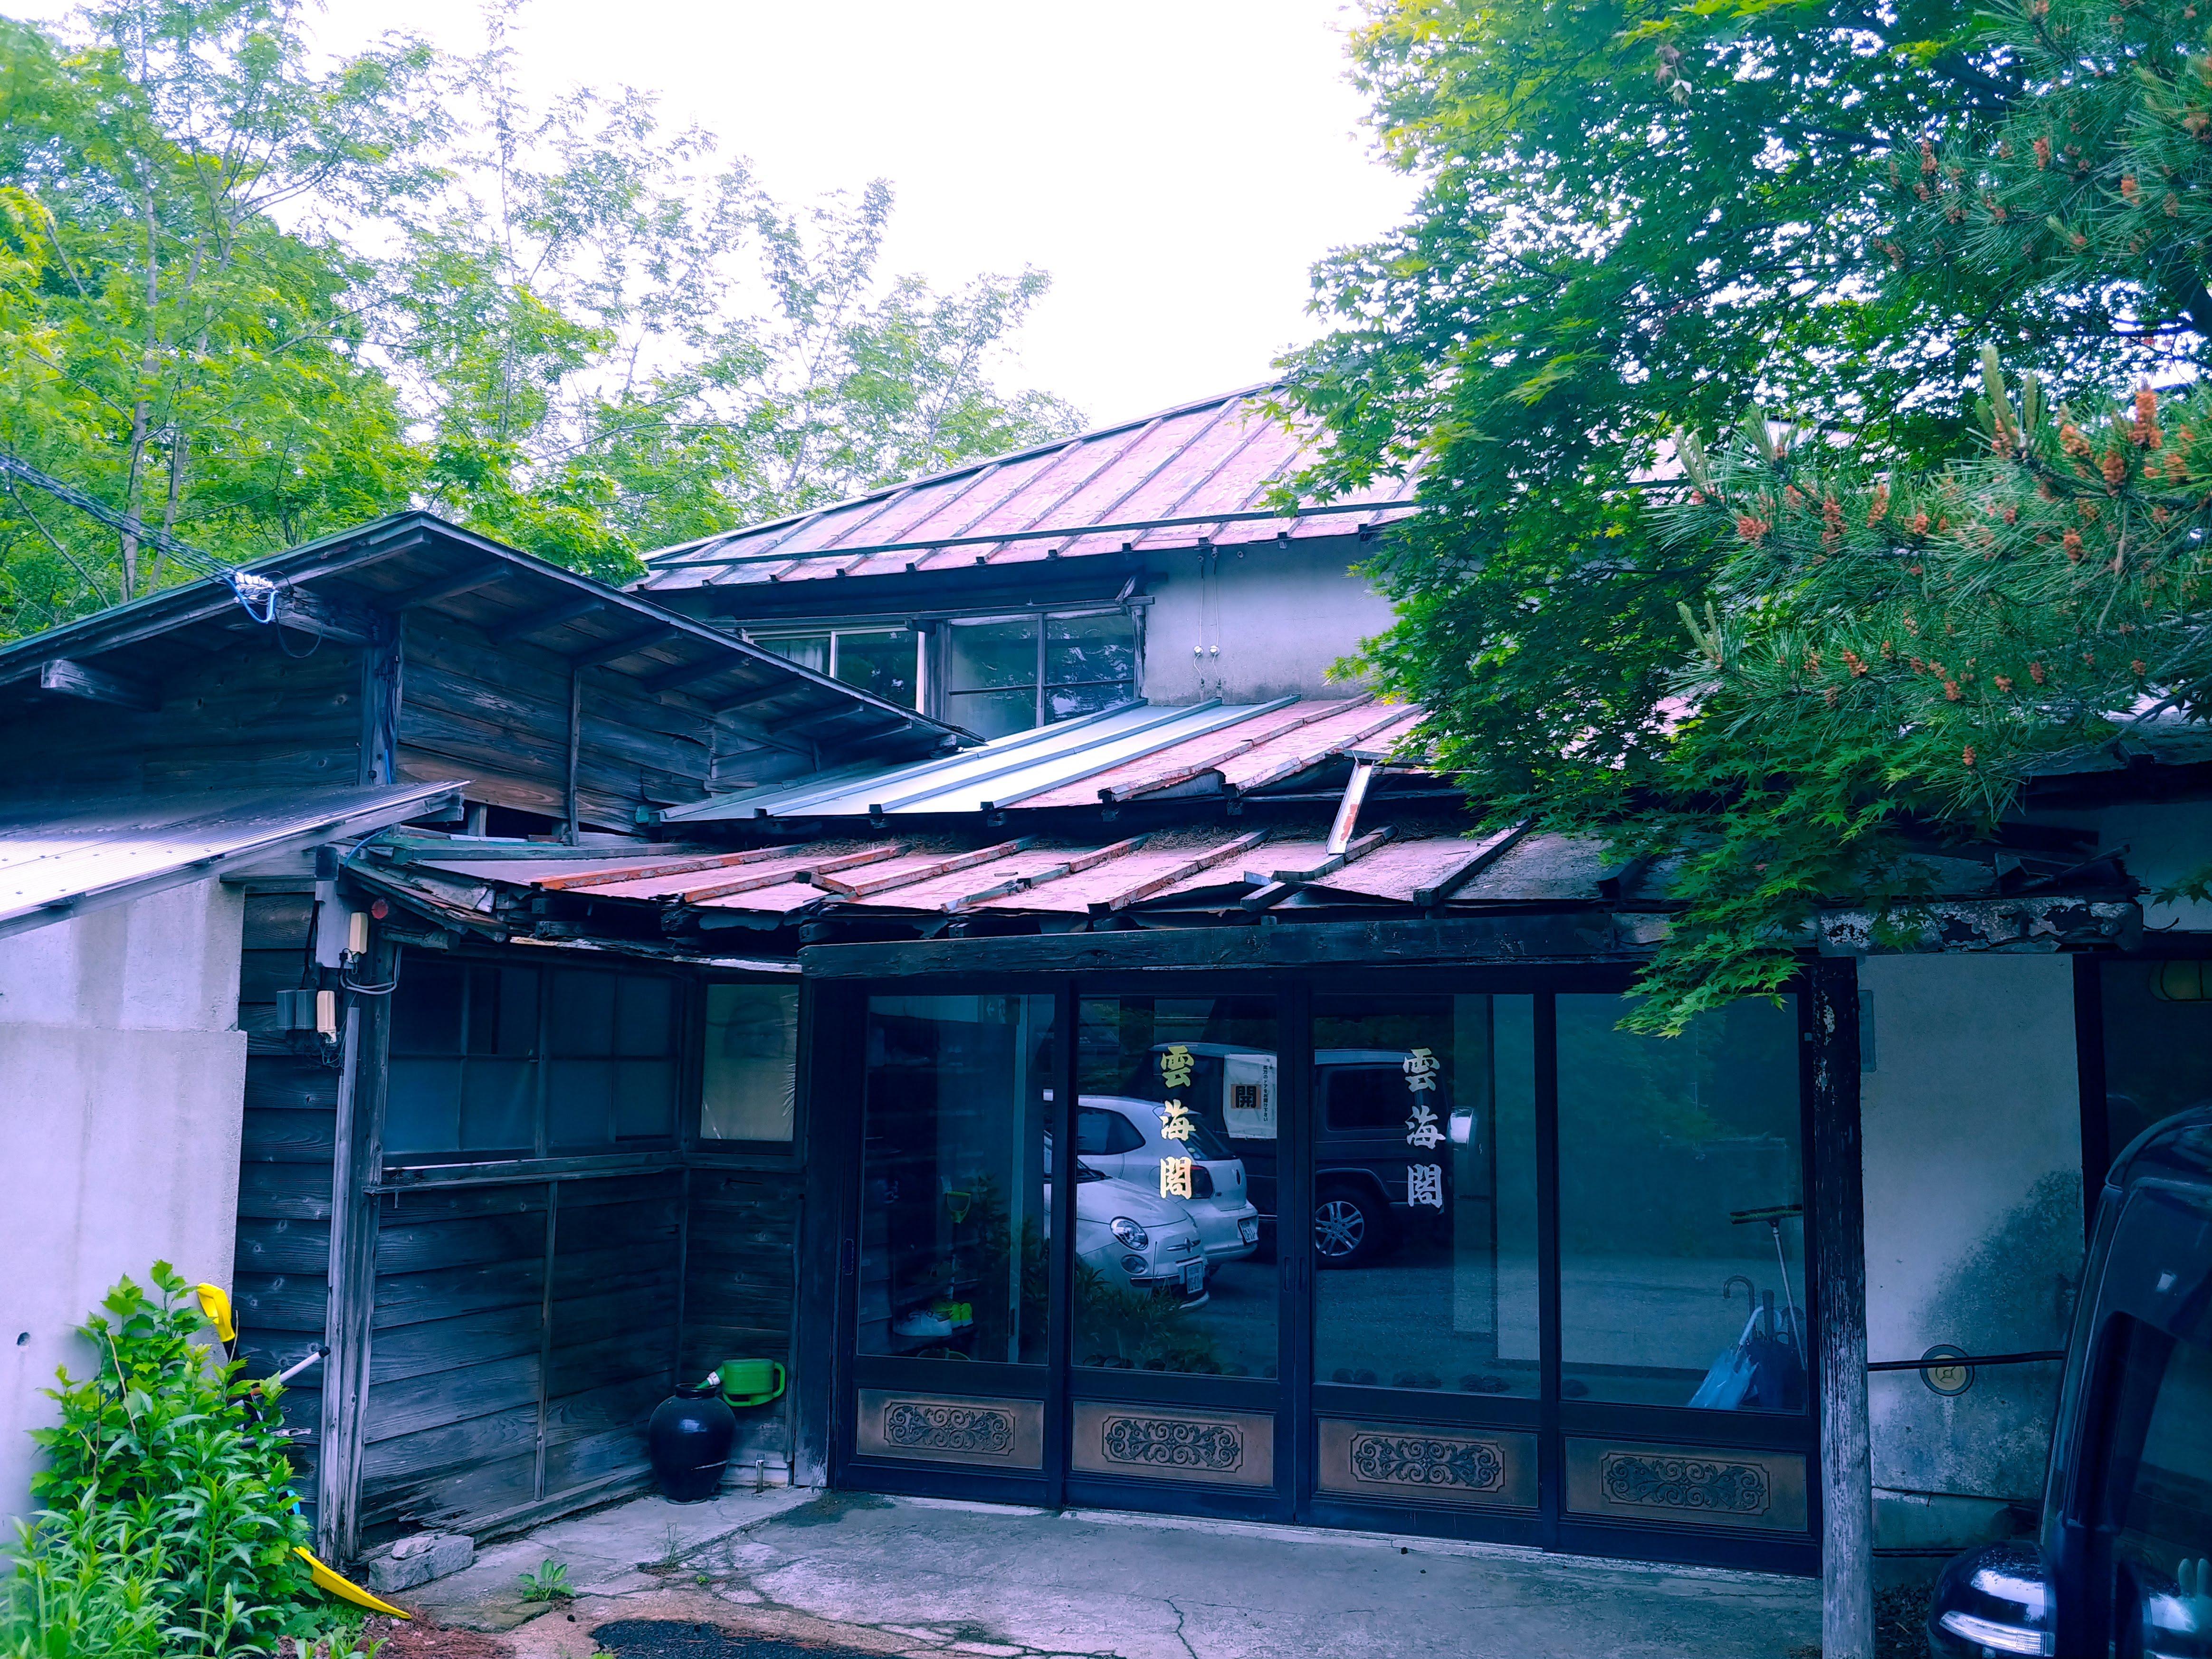 【栃木めぐり】雲海閣と、岩下の新生姜ミュージアム編